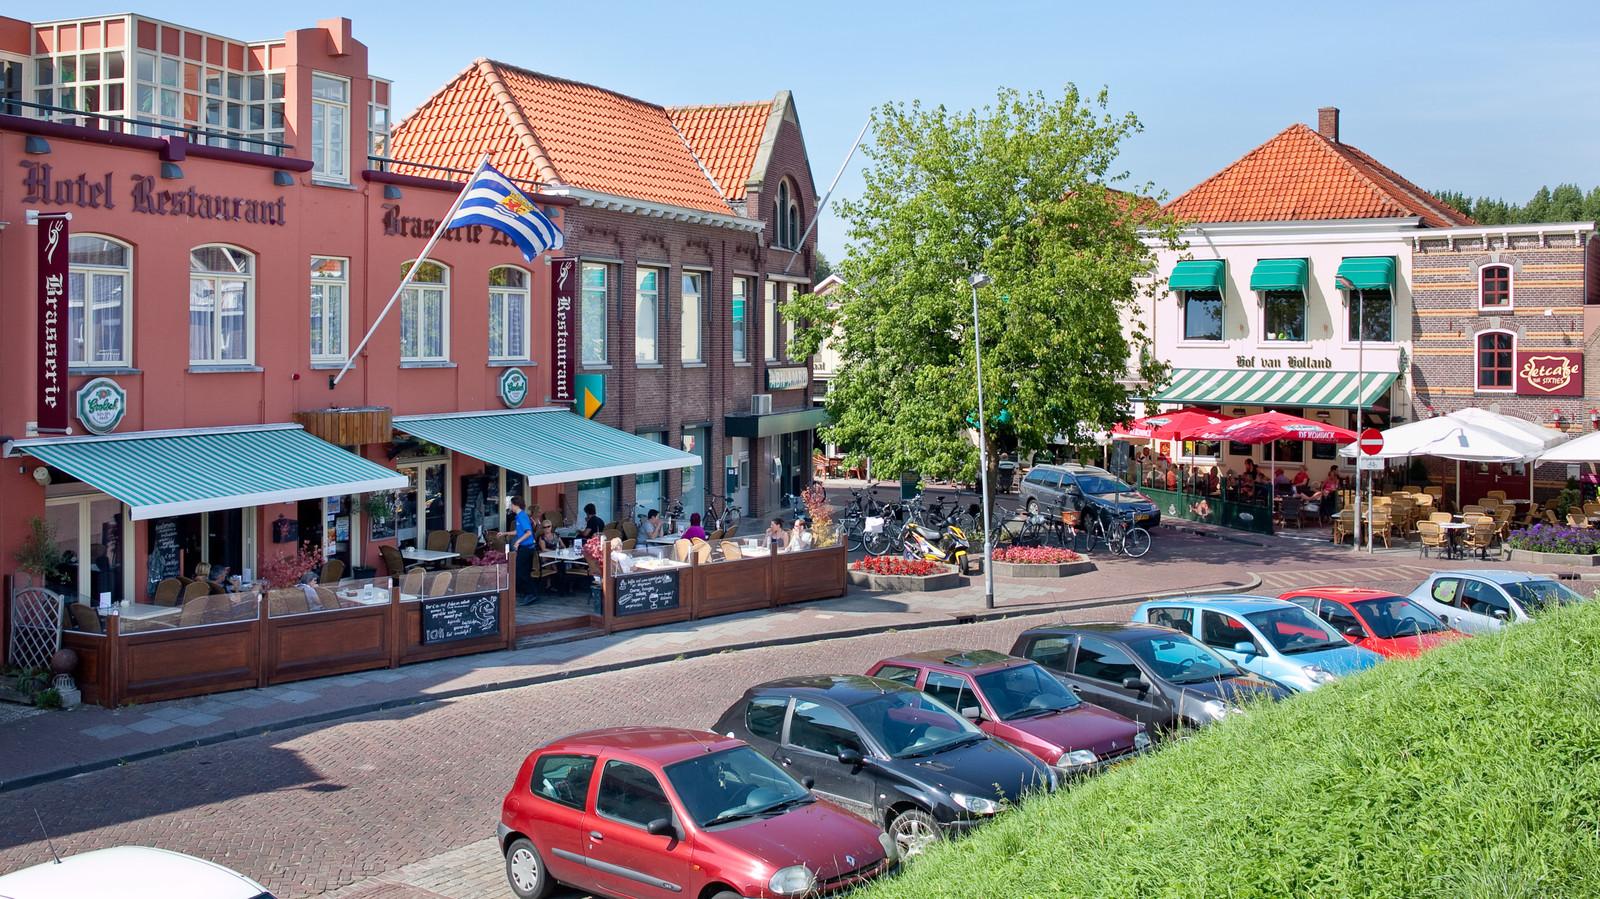 Hotel Zeeland in Tholen. Archieffoto.